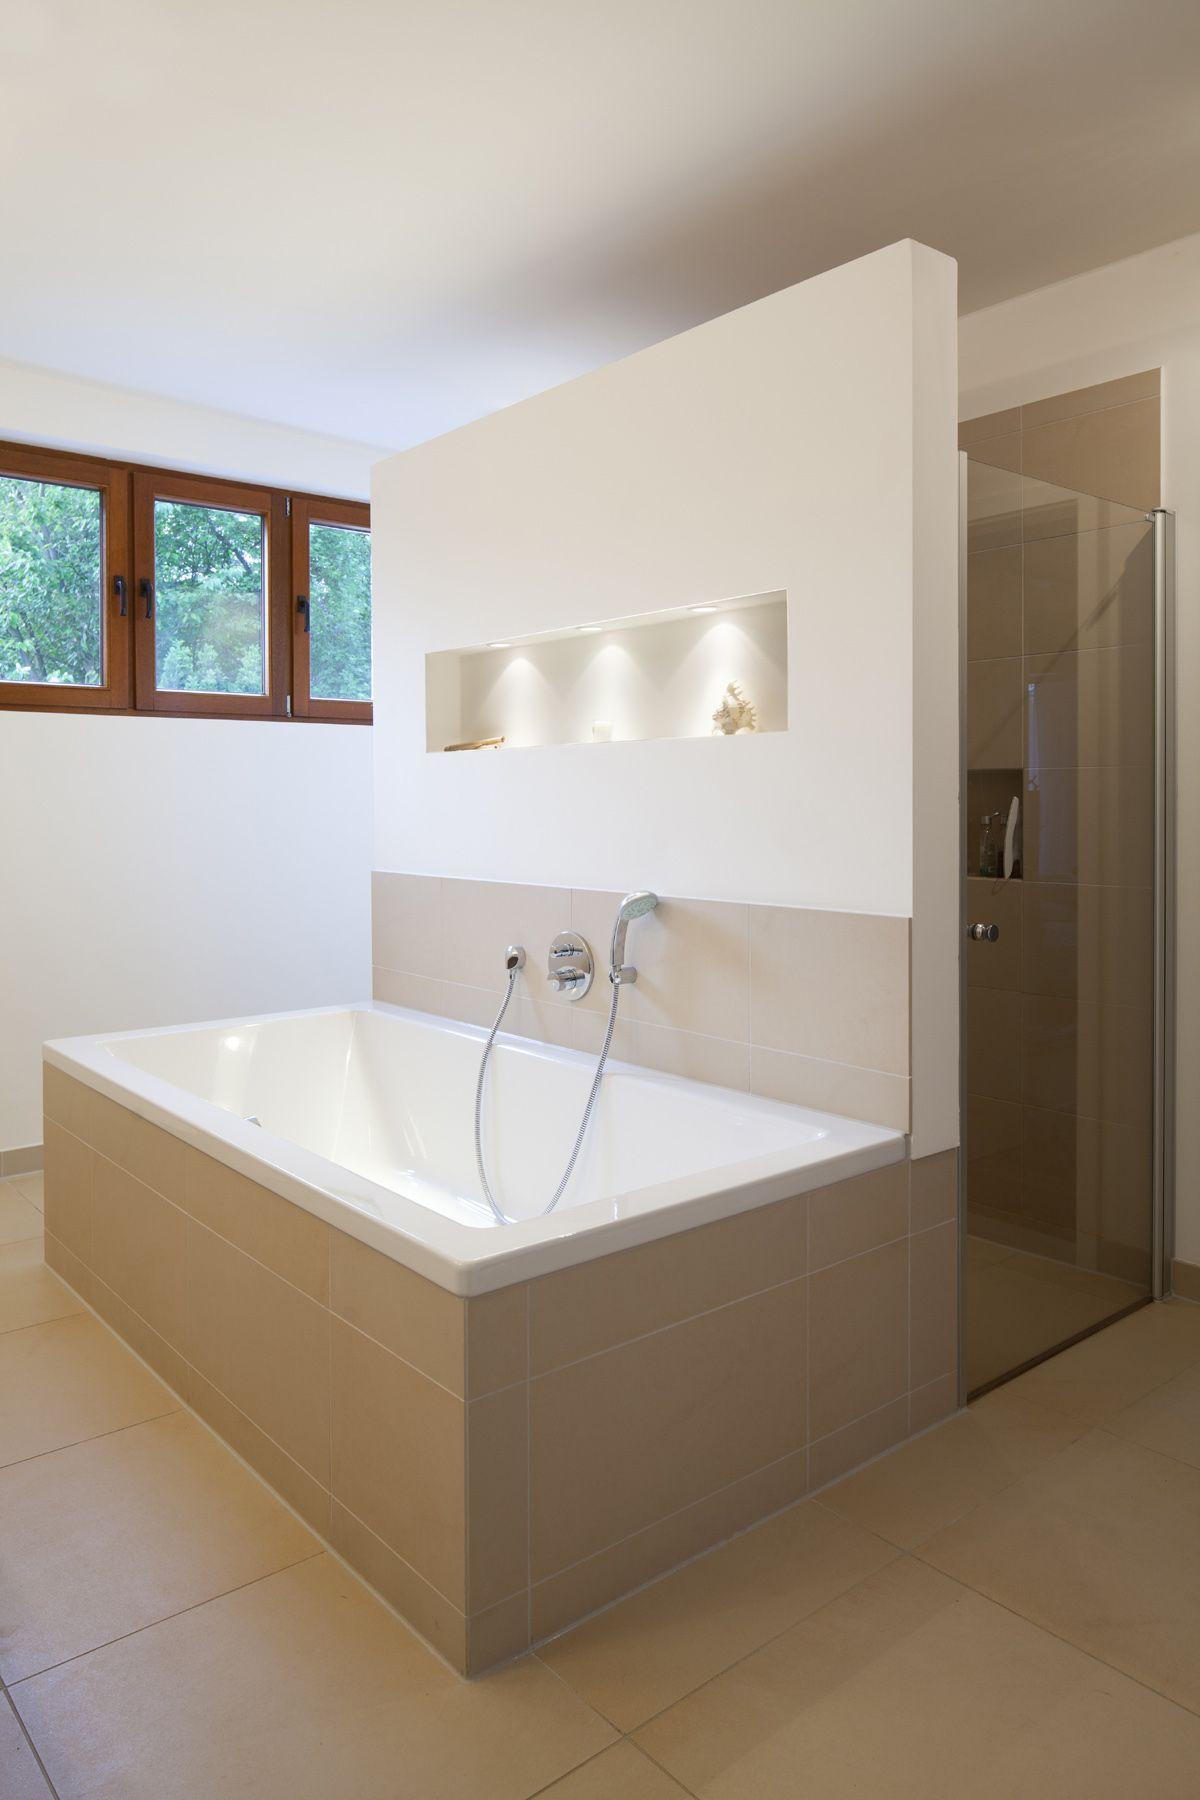 Raumaufteilung Inspiration Dusche Ohne Turen Tolle Badezimmer Badezimmer